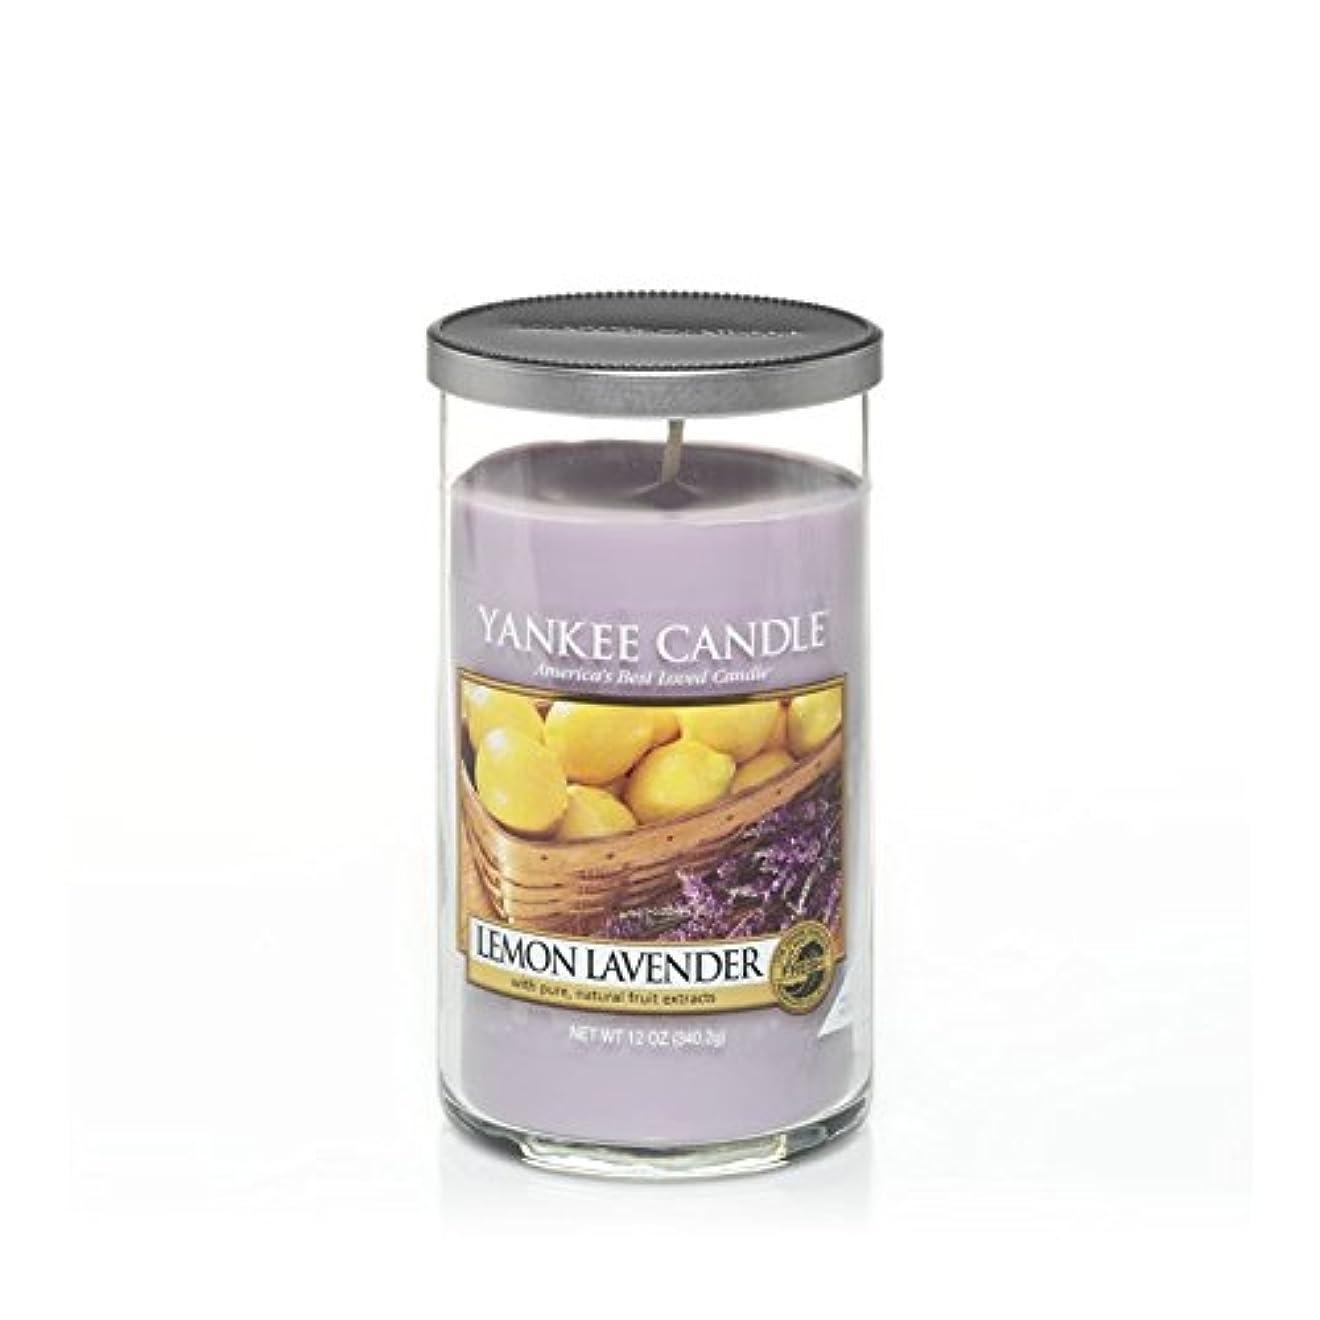 ディプロママントル学んだYankee Candles Medium Pillar Candle - Lemon Lavender (Pack of 2) - ヤンキーキャンドルメディアピラーキャンドル - レモンラベンダー (x2) [並行輸入品]